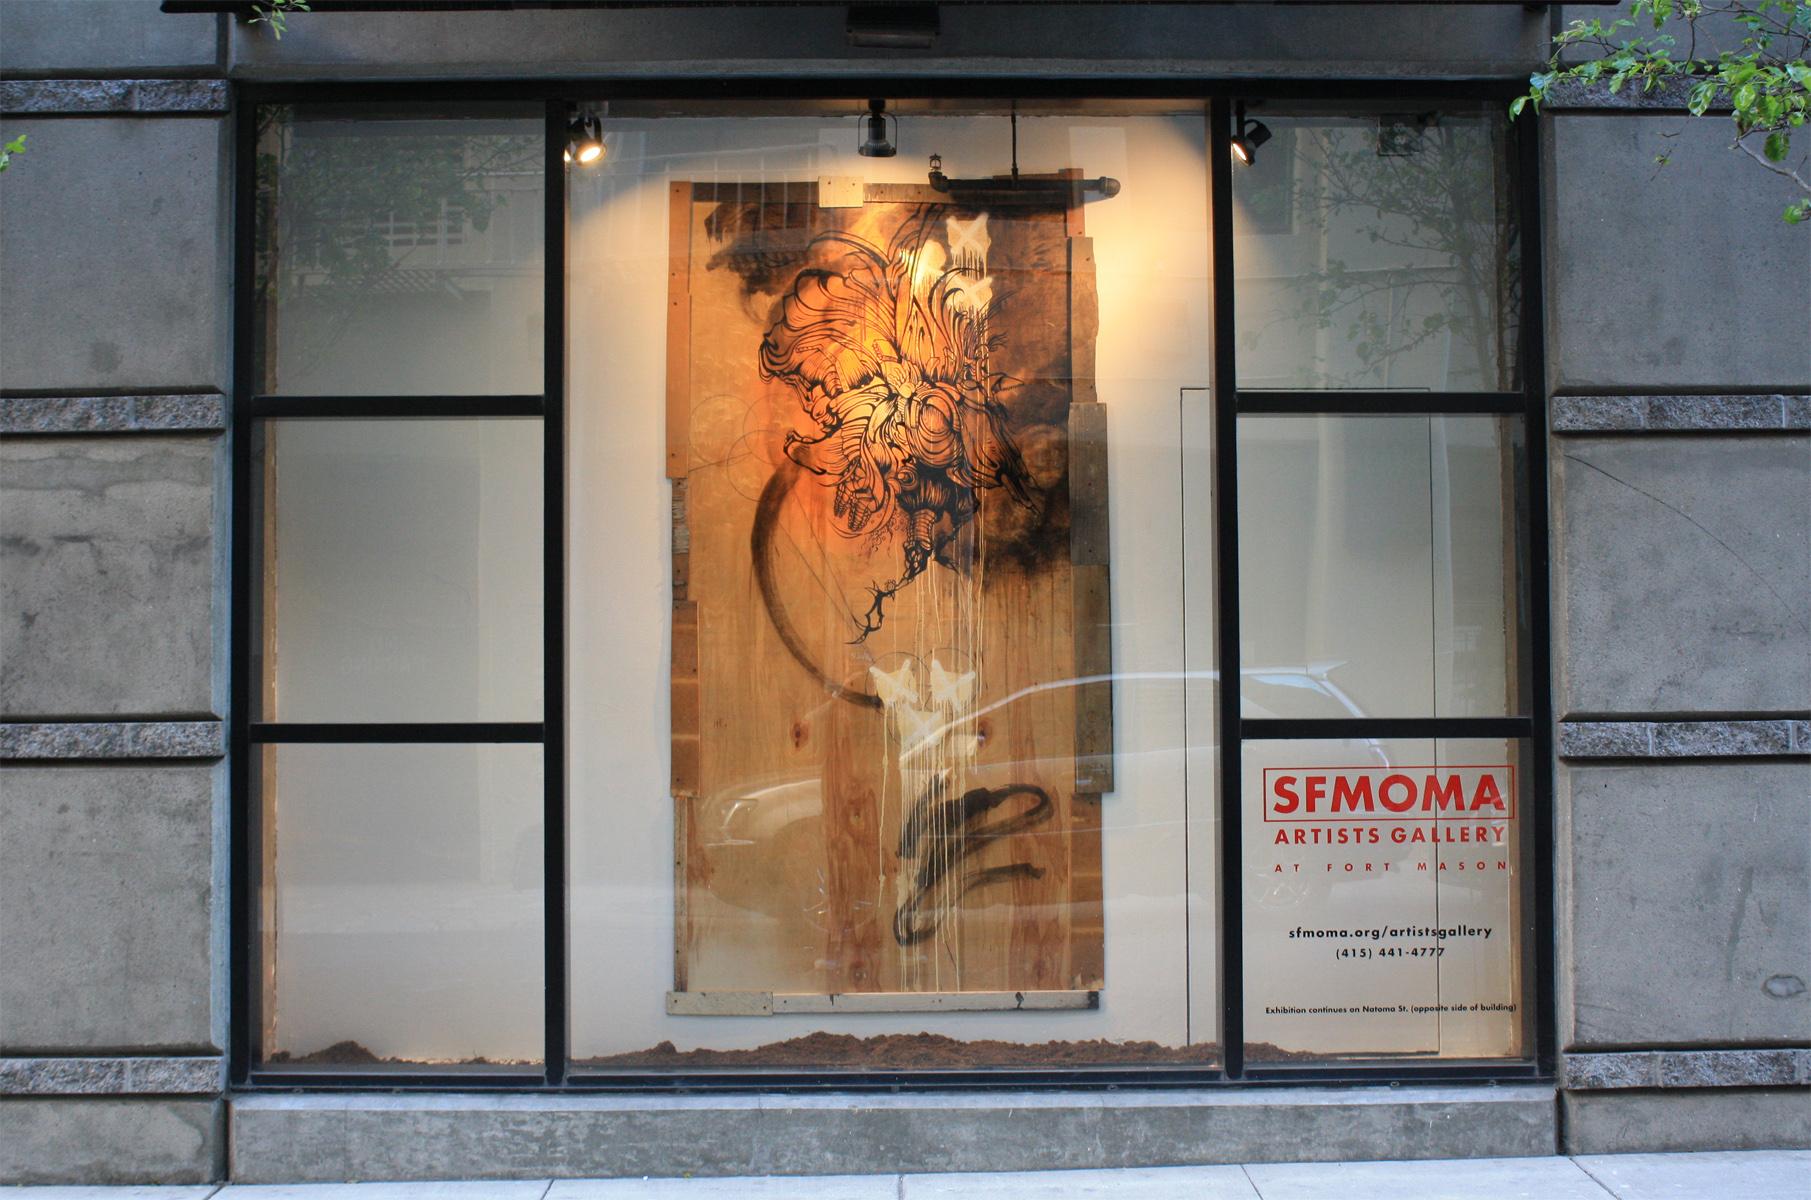 SFMOMA 2013